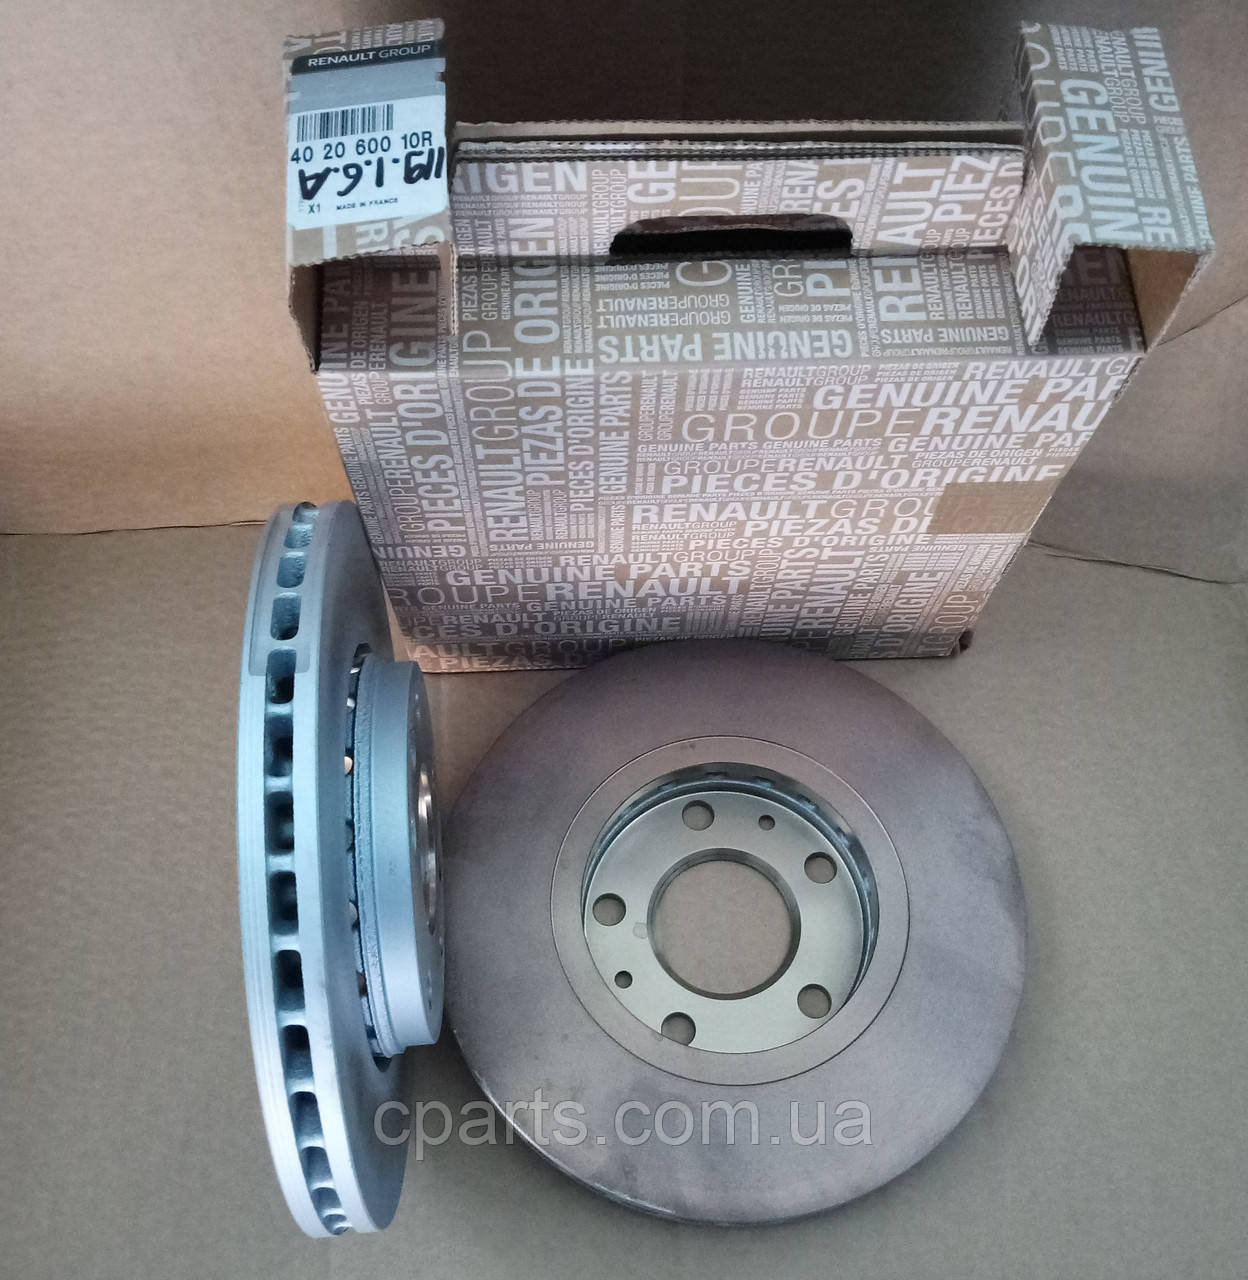 Диск тормозной передний вентилируемый Renault Duster 1.5 DCi, 1.6 16V (4x4)(оригинал)